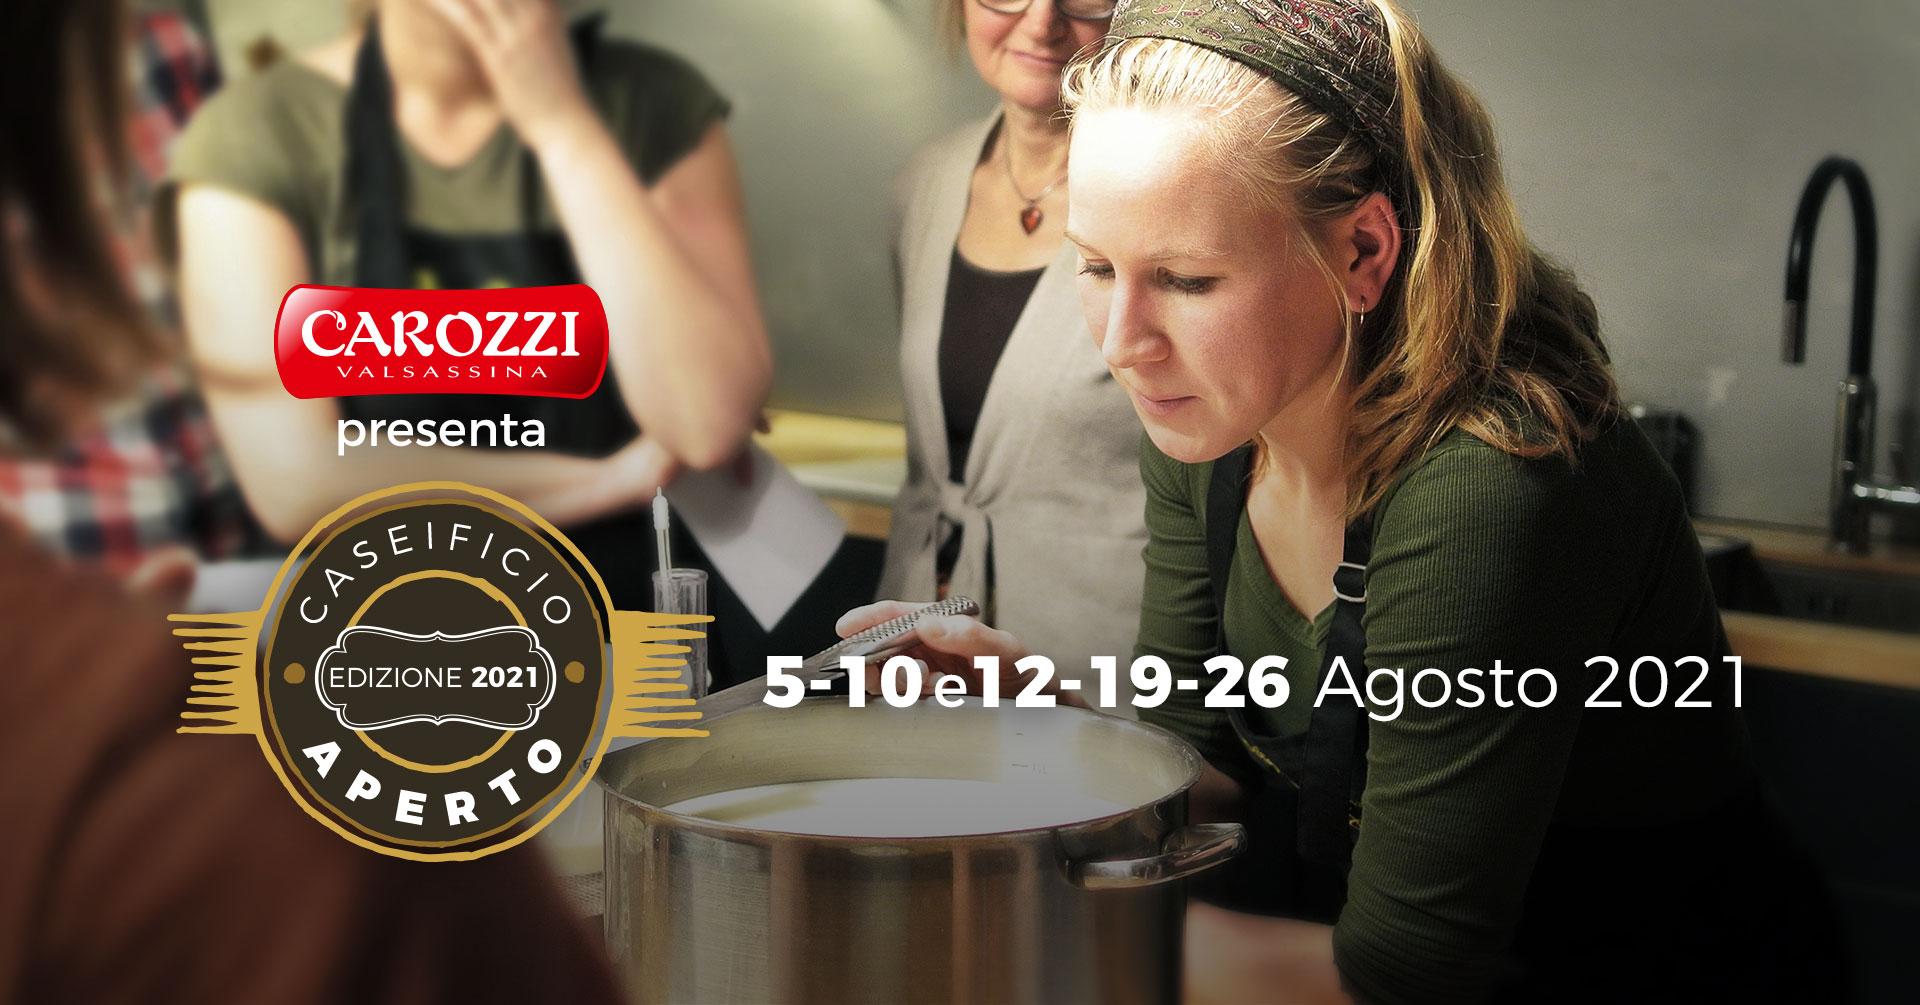 """Elenco delle date """"Caseificio Aperto"""" - 5/10/12/19/26 Agosto"""